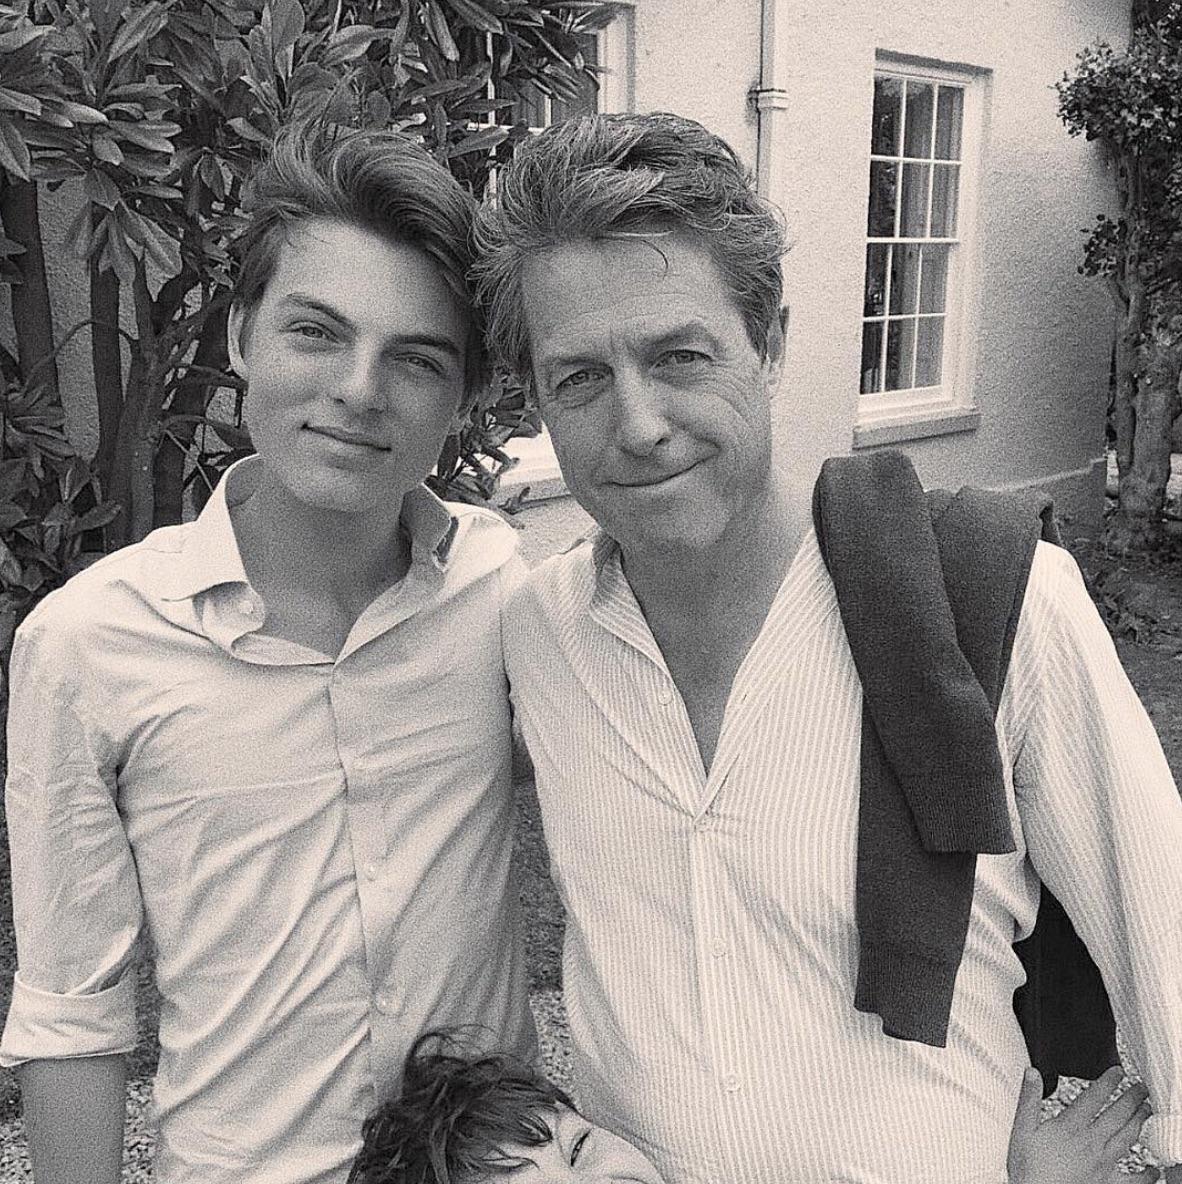 Damian Hurley and Hugh Grant